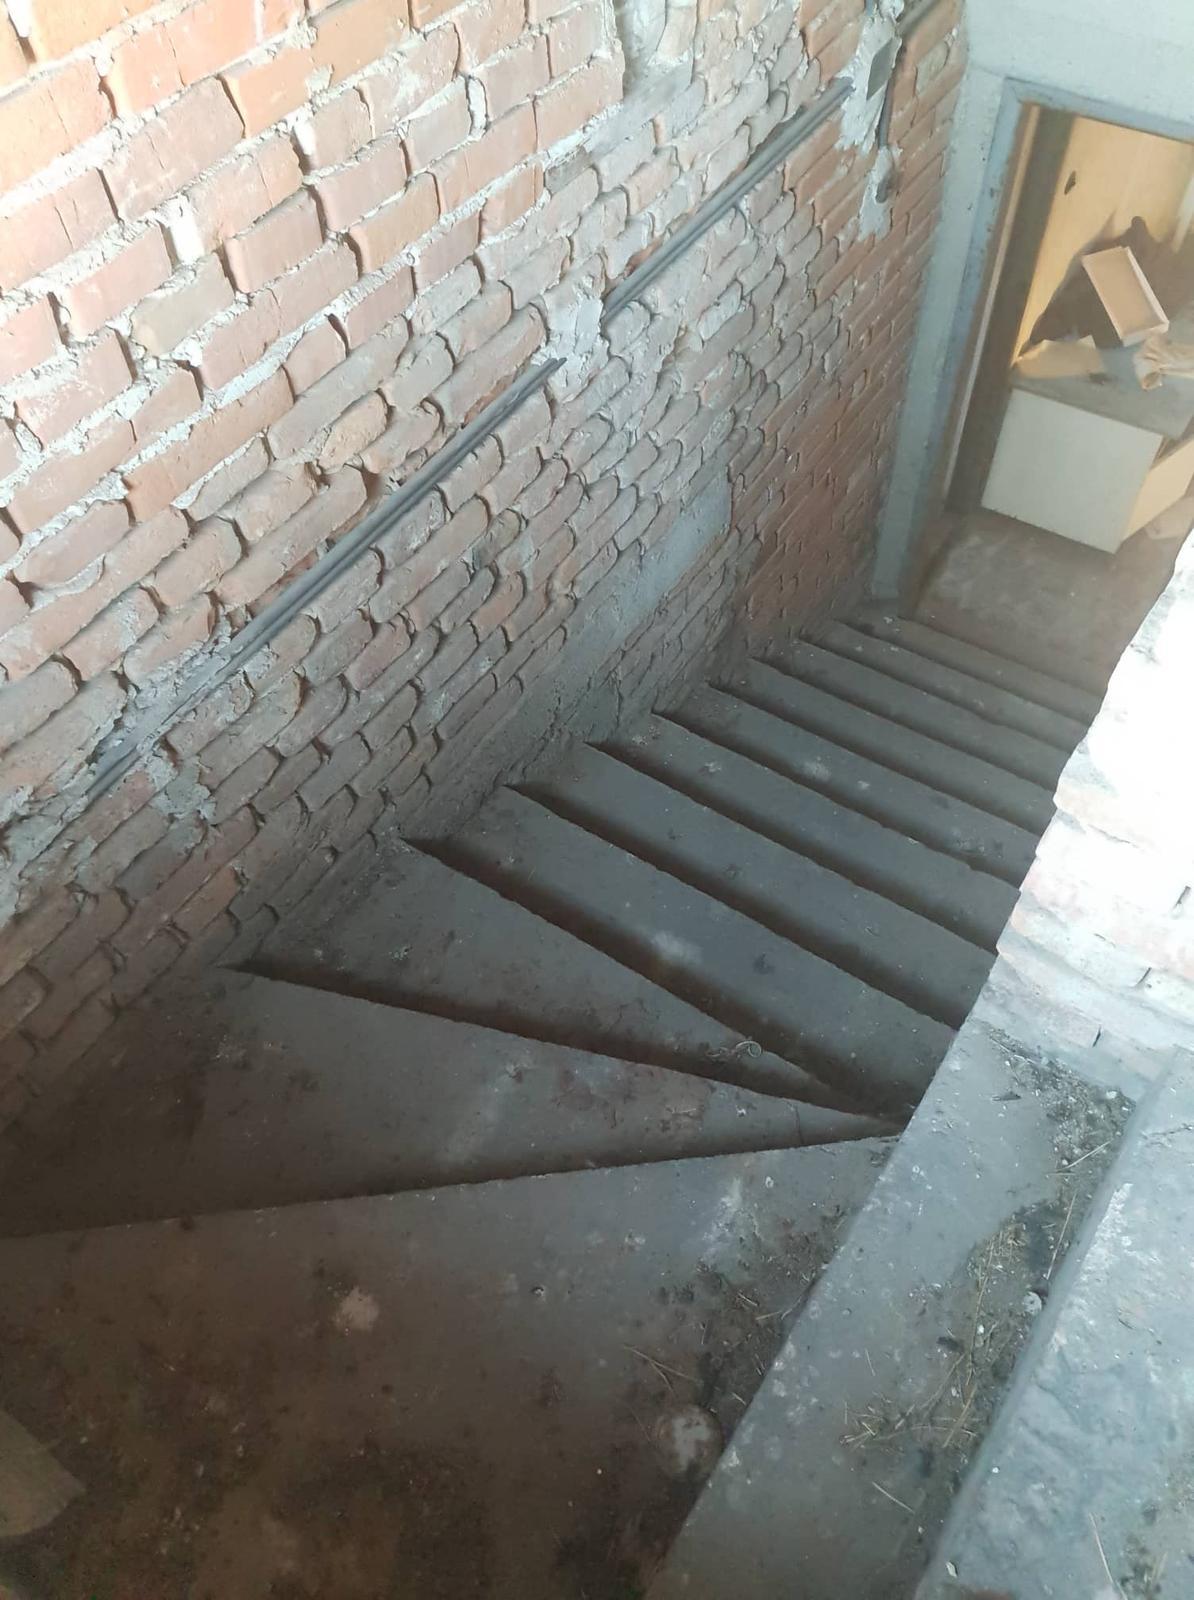 Rekonštrukcia domu-alebo chceme si splniť sen =》🏠🌻🌼🐶  mat domcek a vratit sa na Slovensko - schodisko z chodby kde po lavej strane mala byt kupelna